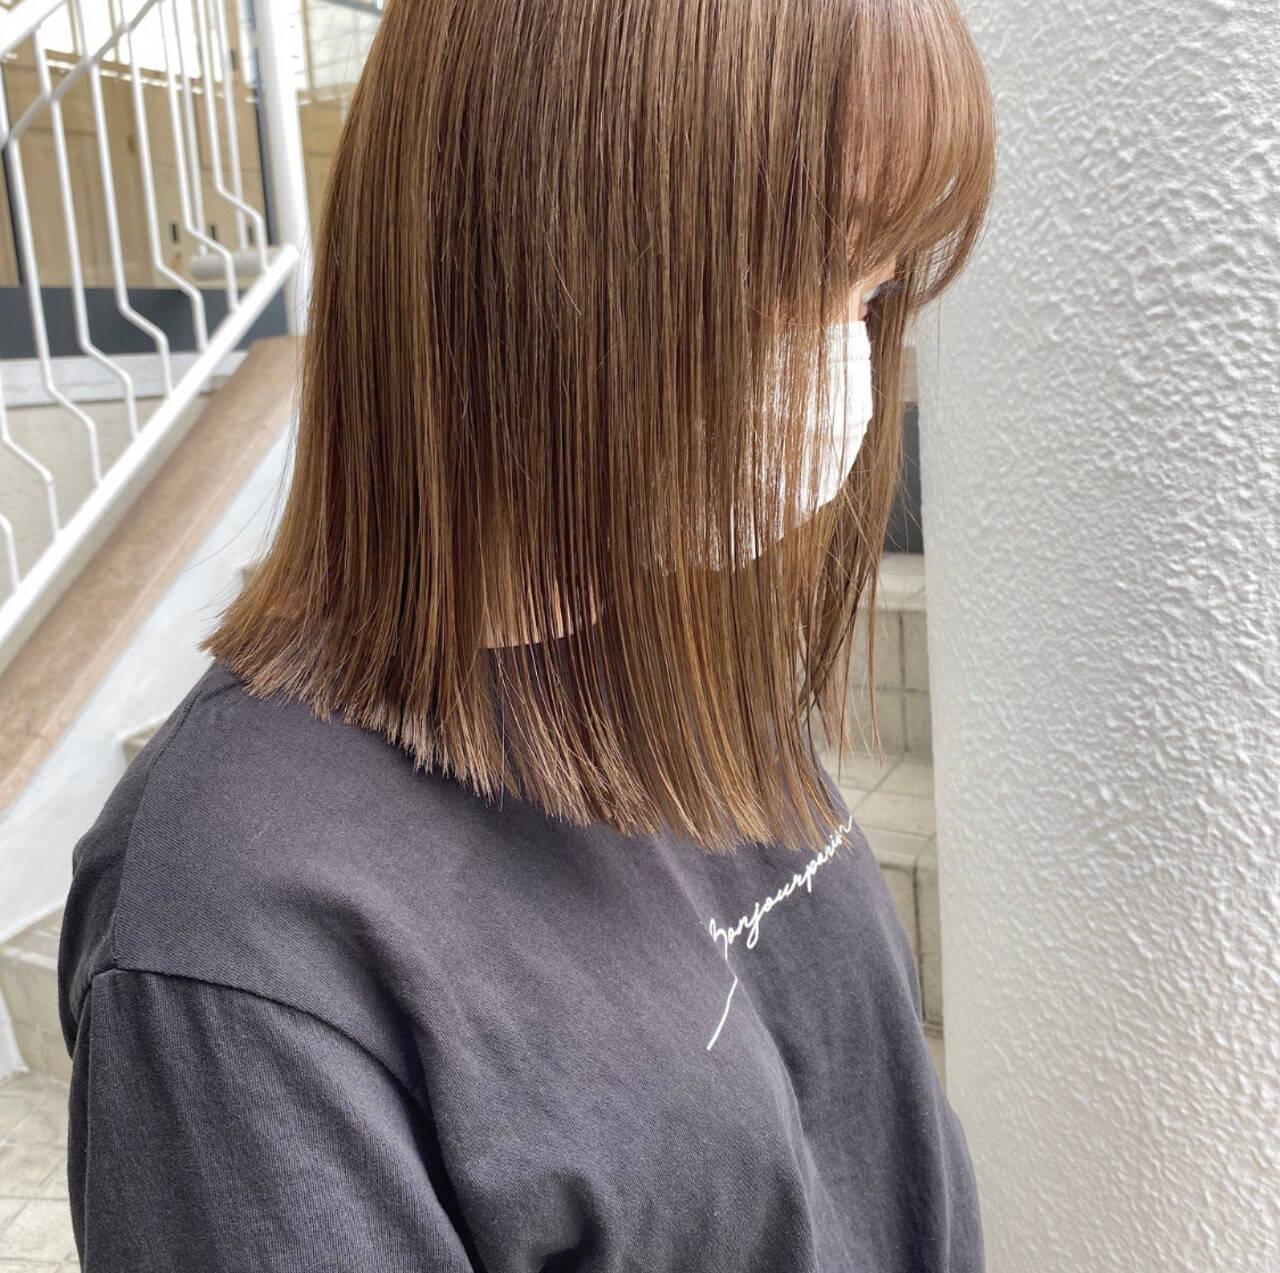 ハイトーンカラー ベージュカラー ミディアム ナチュラルヘアスタイルや髪型の写真・画像